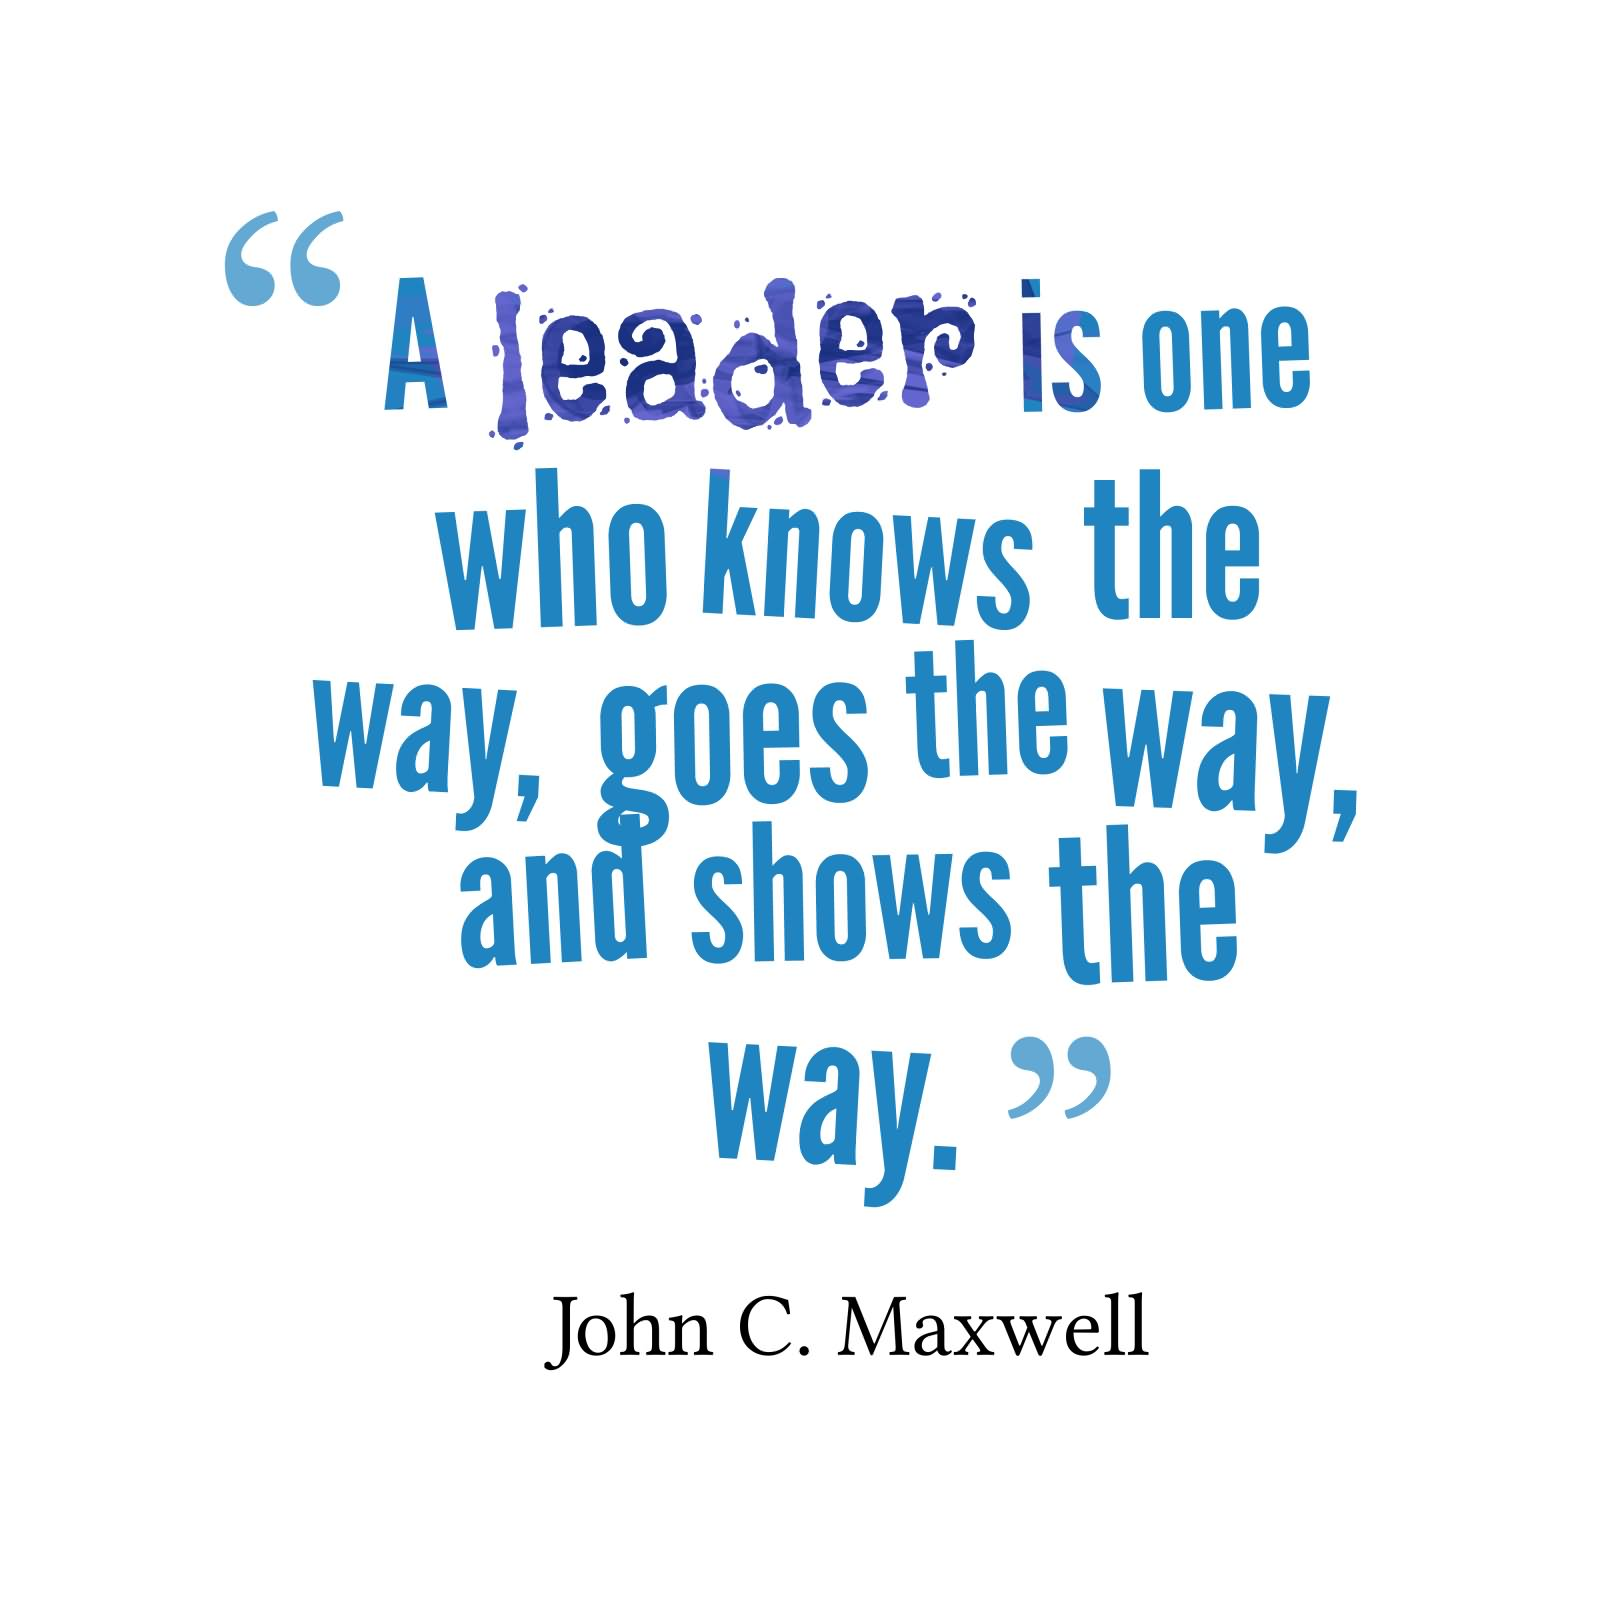 Leadership Quotes - Askideas.com